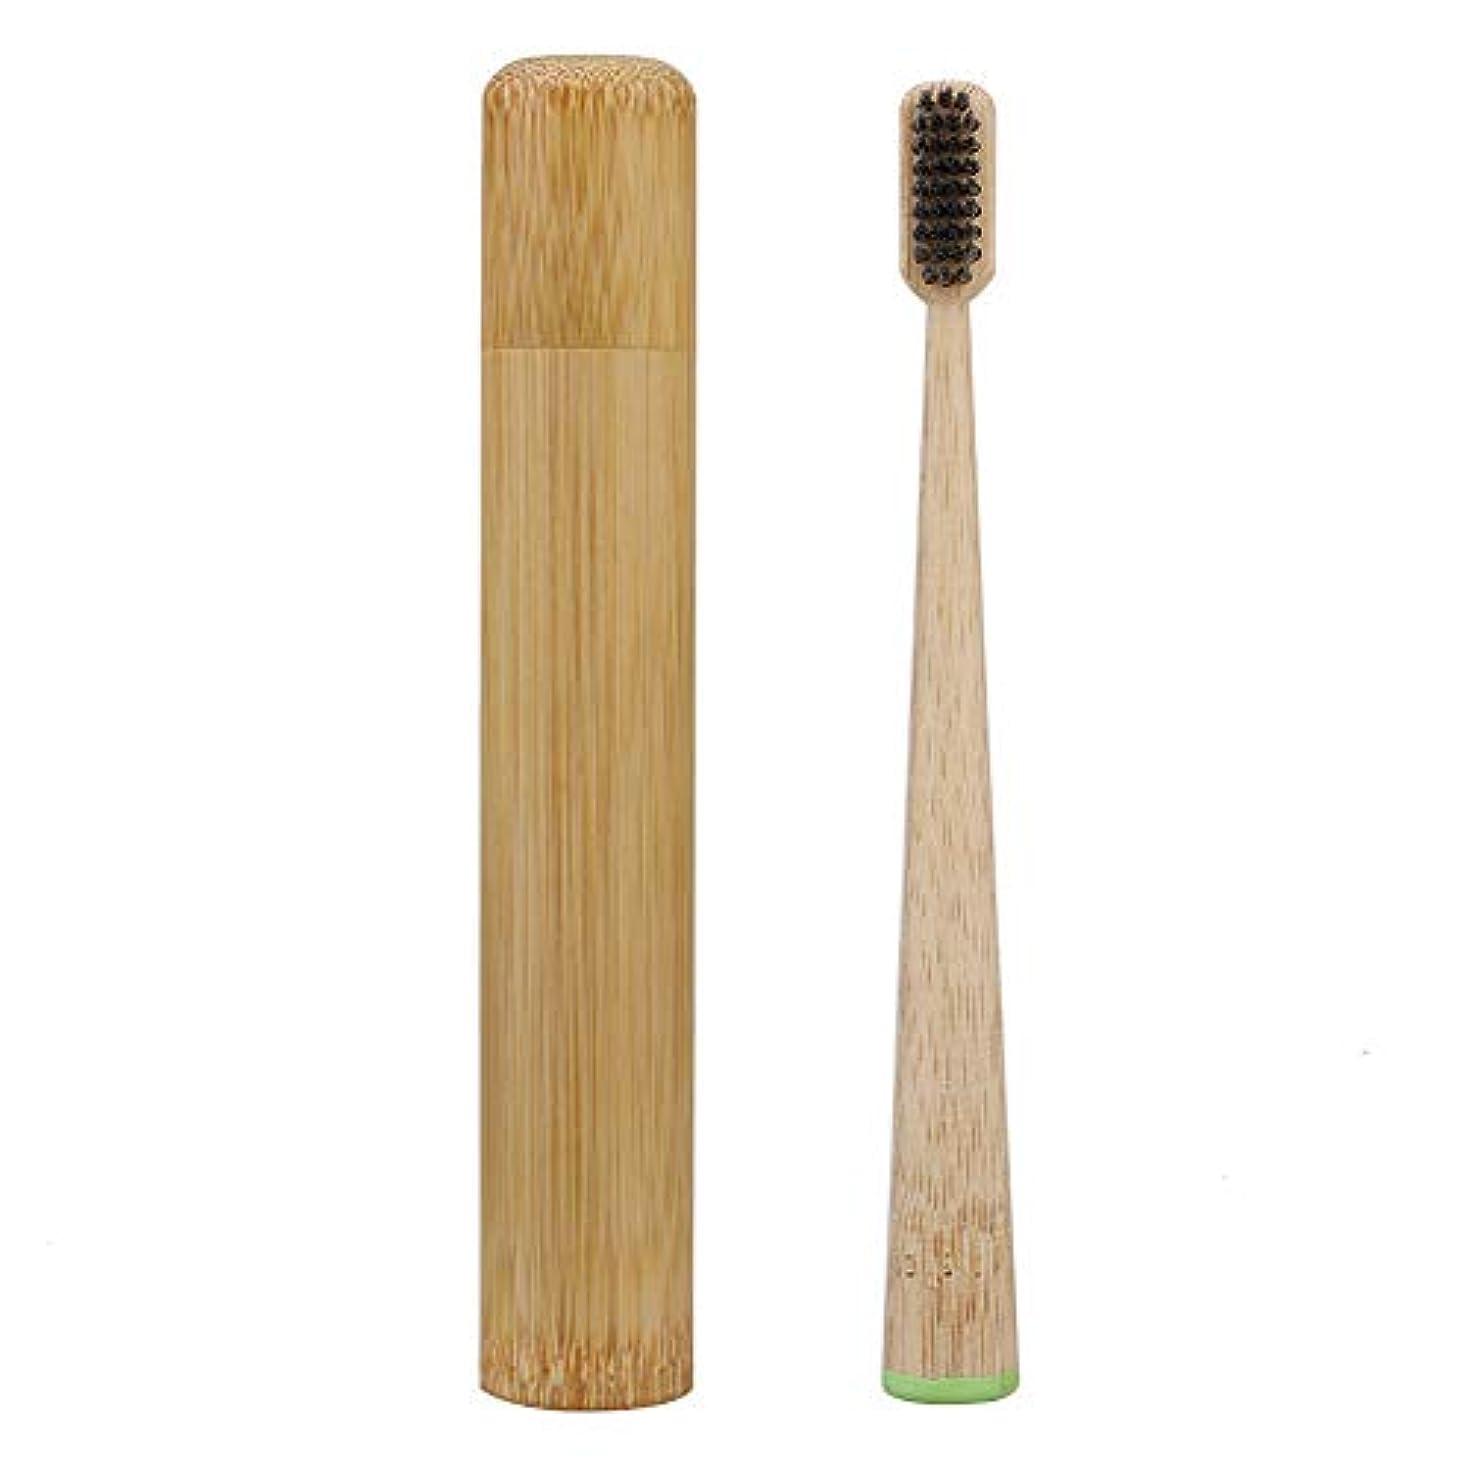 Pannow 2pcs 竹の歯ブラシ 子ども用ハブラシ 丸いハンドル歯ブラシ ケース付き 柔らかい 炭の毛 環境にやさしい歯ブラシ